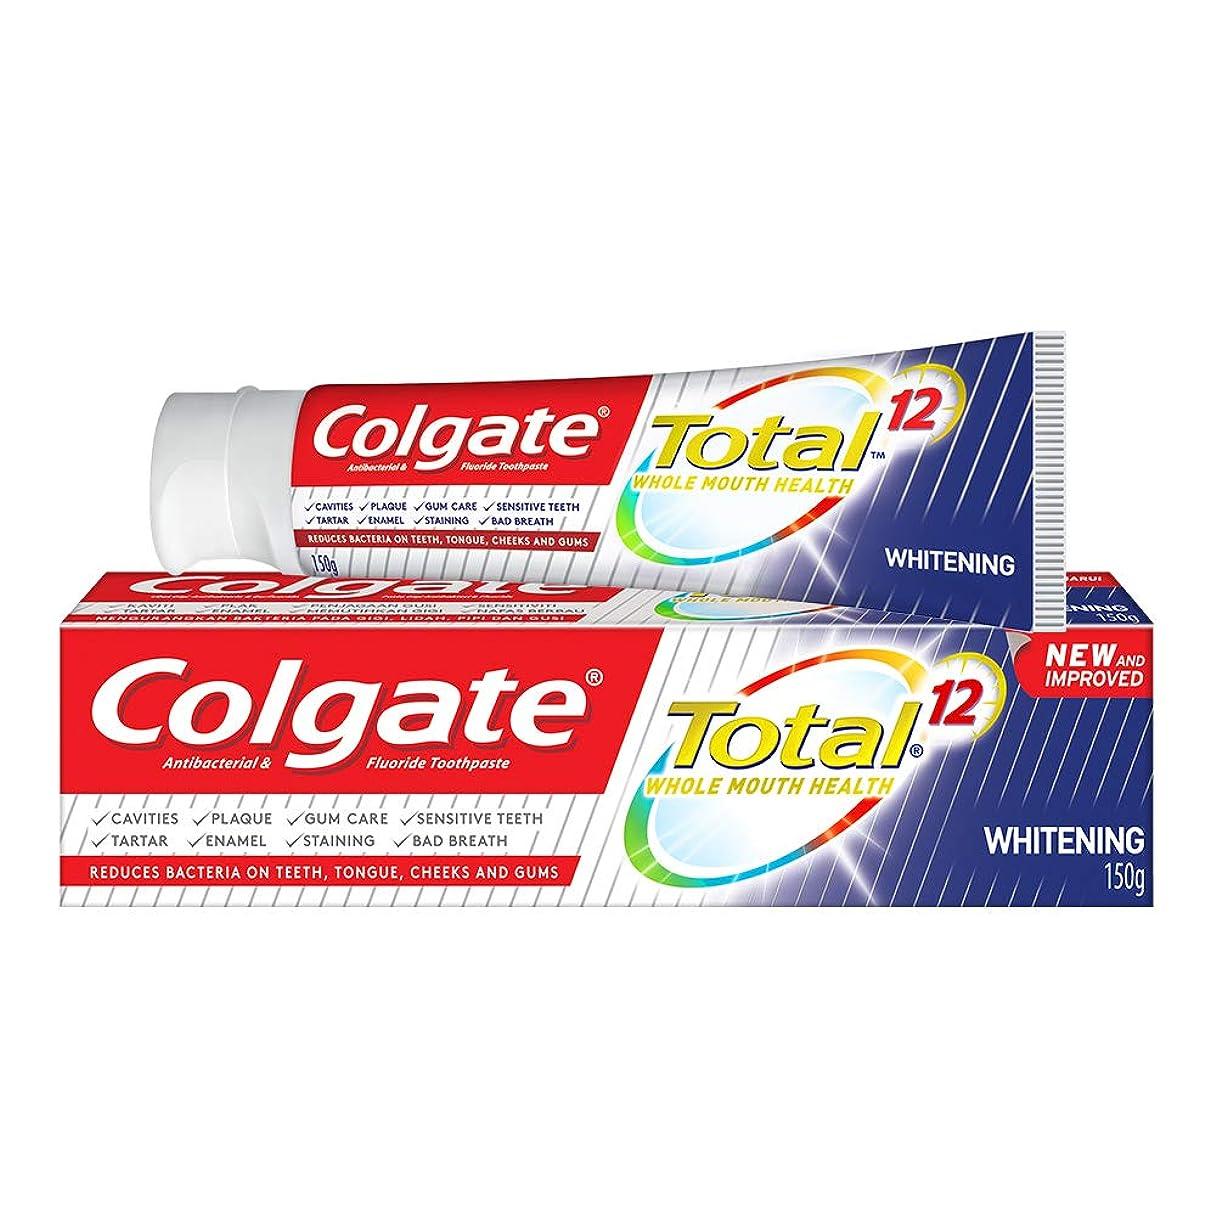 アナログ宇宙飛行士混沌(コルゲート)Colgate 歯磨き粉 Total (150g, ホールマウスヘルス)